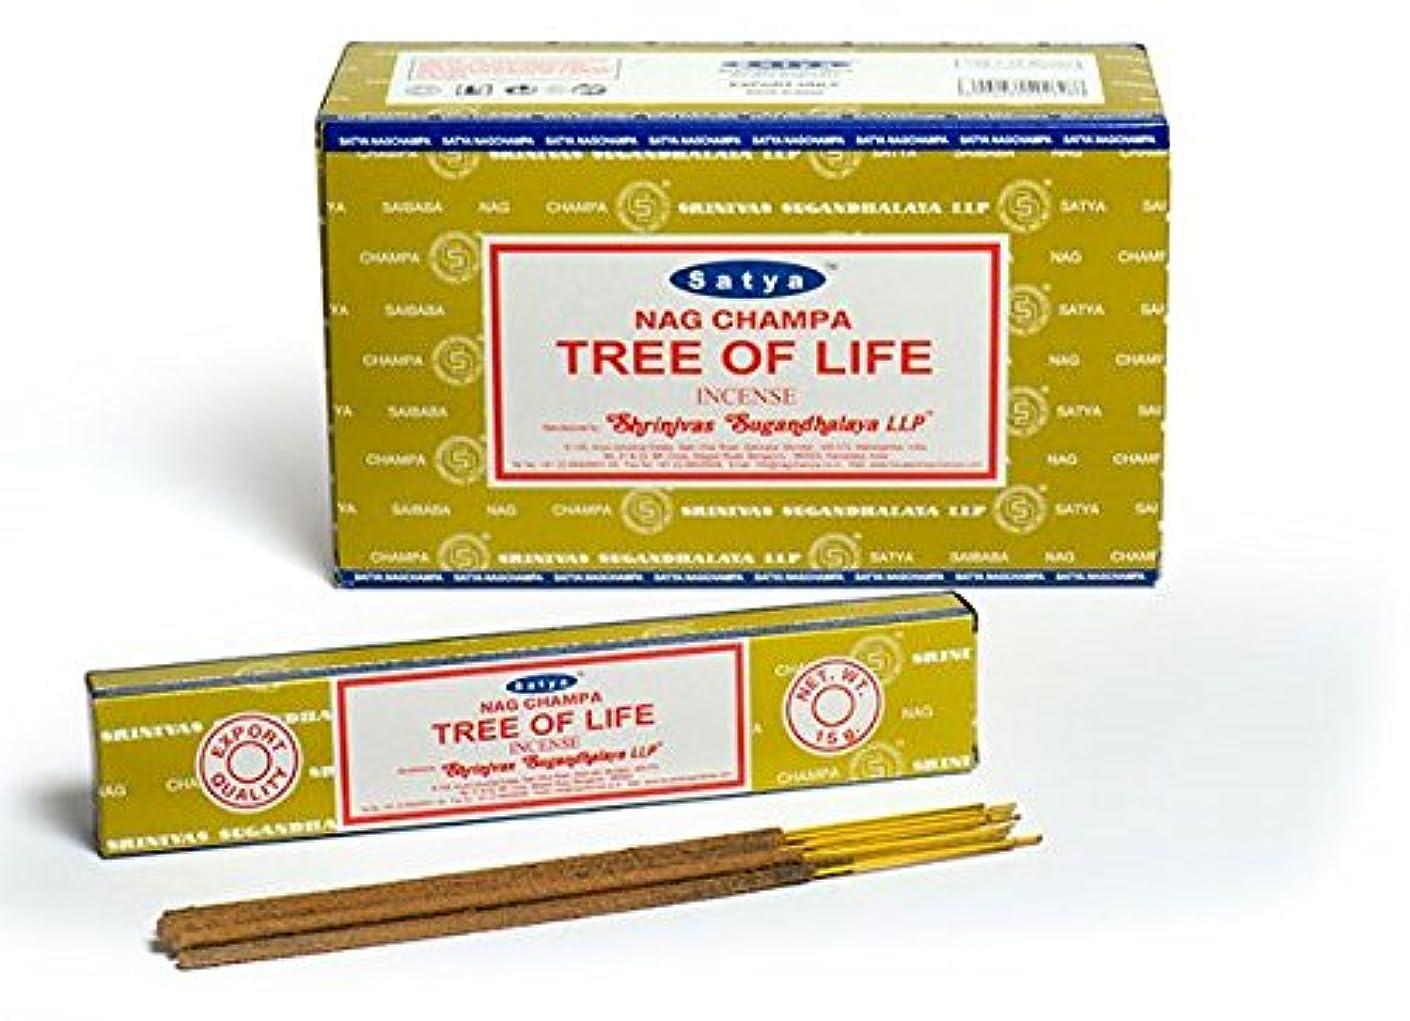 火炎不倫債務Satya Nag Champa 生命の樹 お香スティック Agarbatti 180グラムボックス | 12パック 15グラム/箱入り | 輸出品質